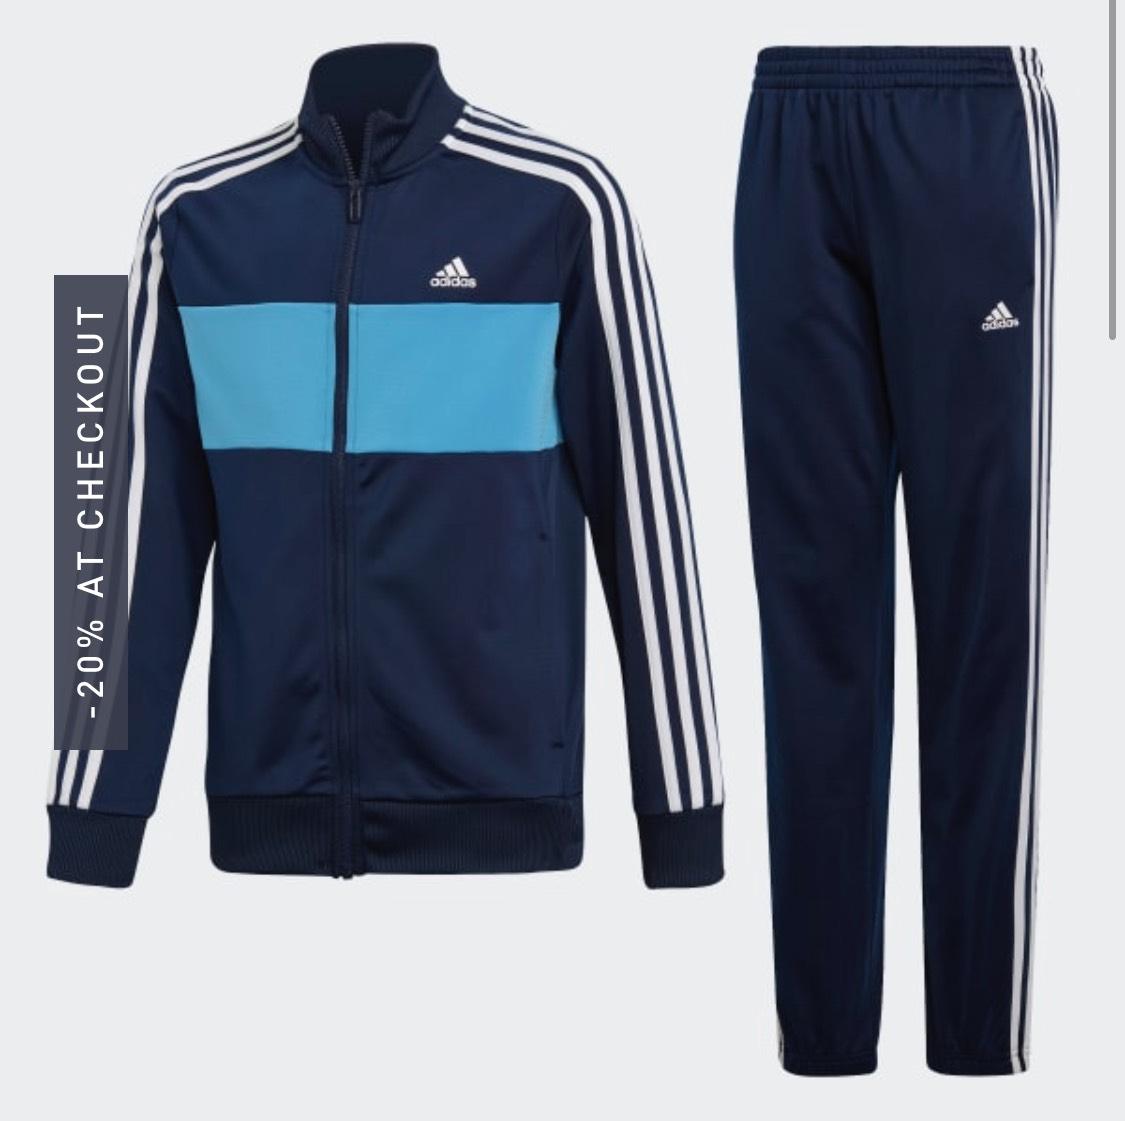 Boys Training Adidas Tiberio Tracksuit - £19.57 @ Adidas